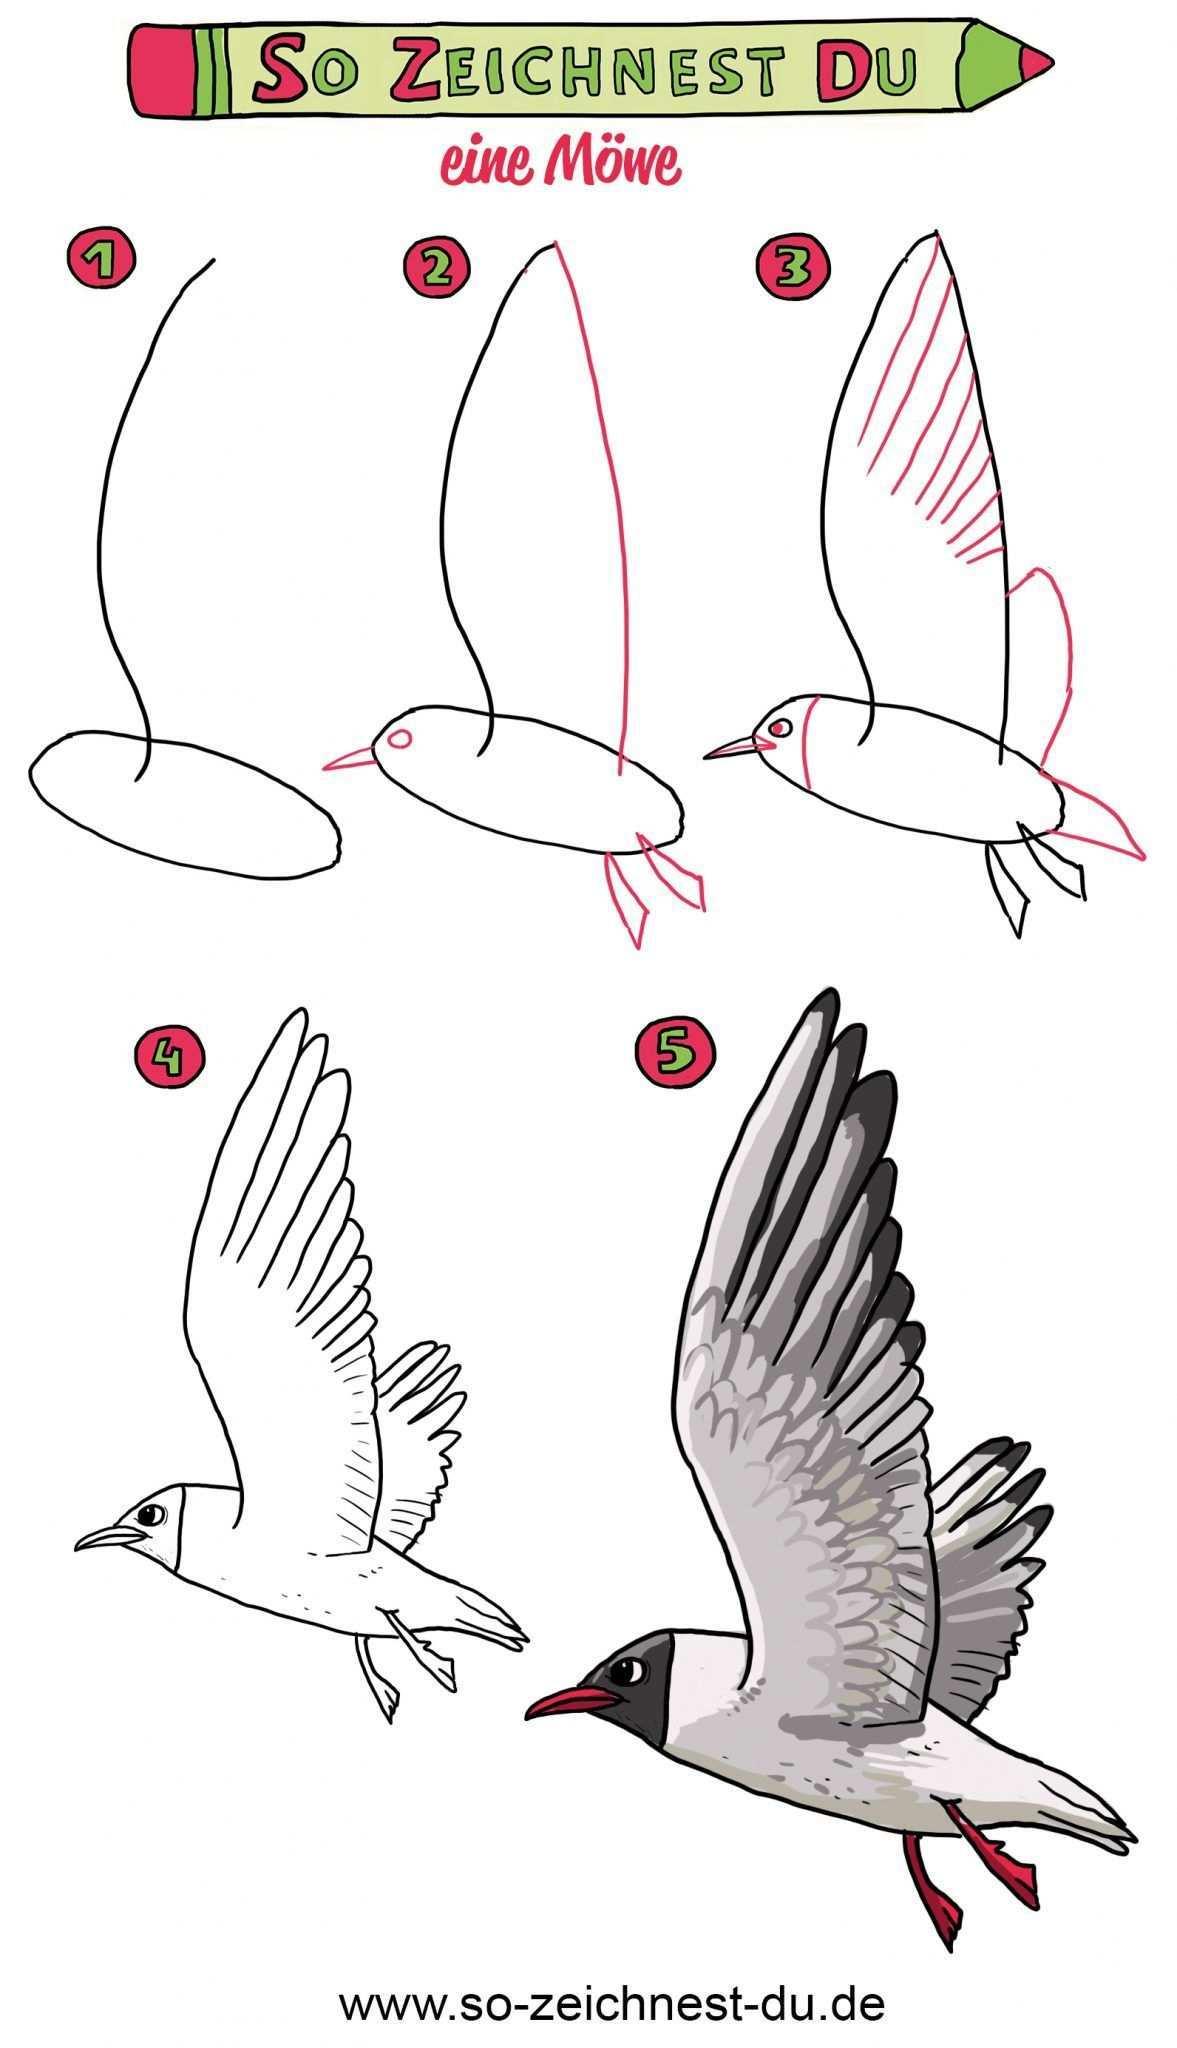 So Zeichnest Du Eine Mowe Zeichnen Lernen Einfache Sachen Zum Zeichnen Vogel Zeichnen